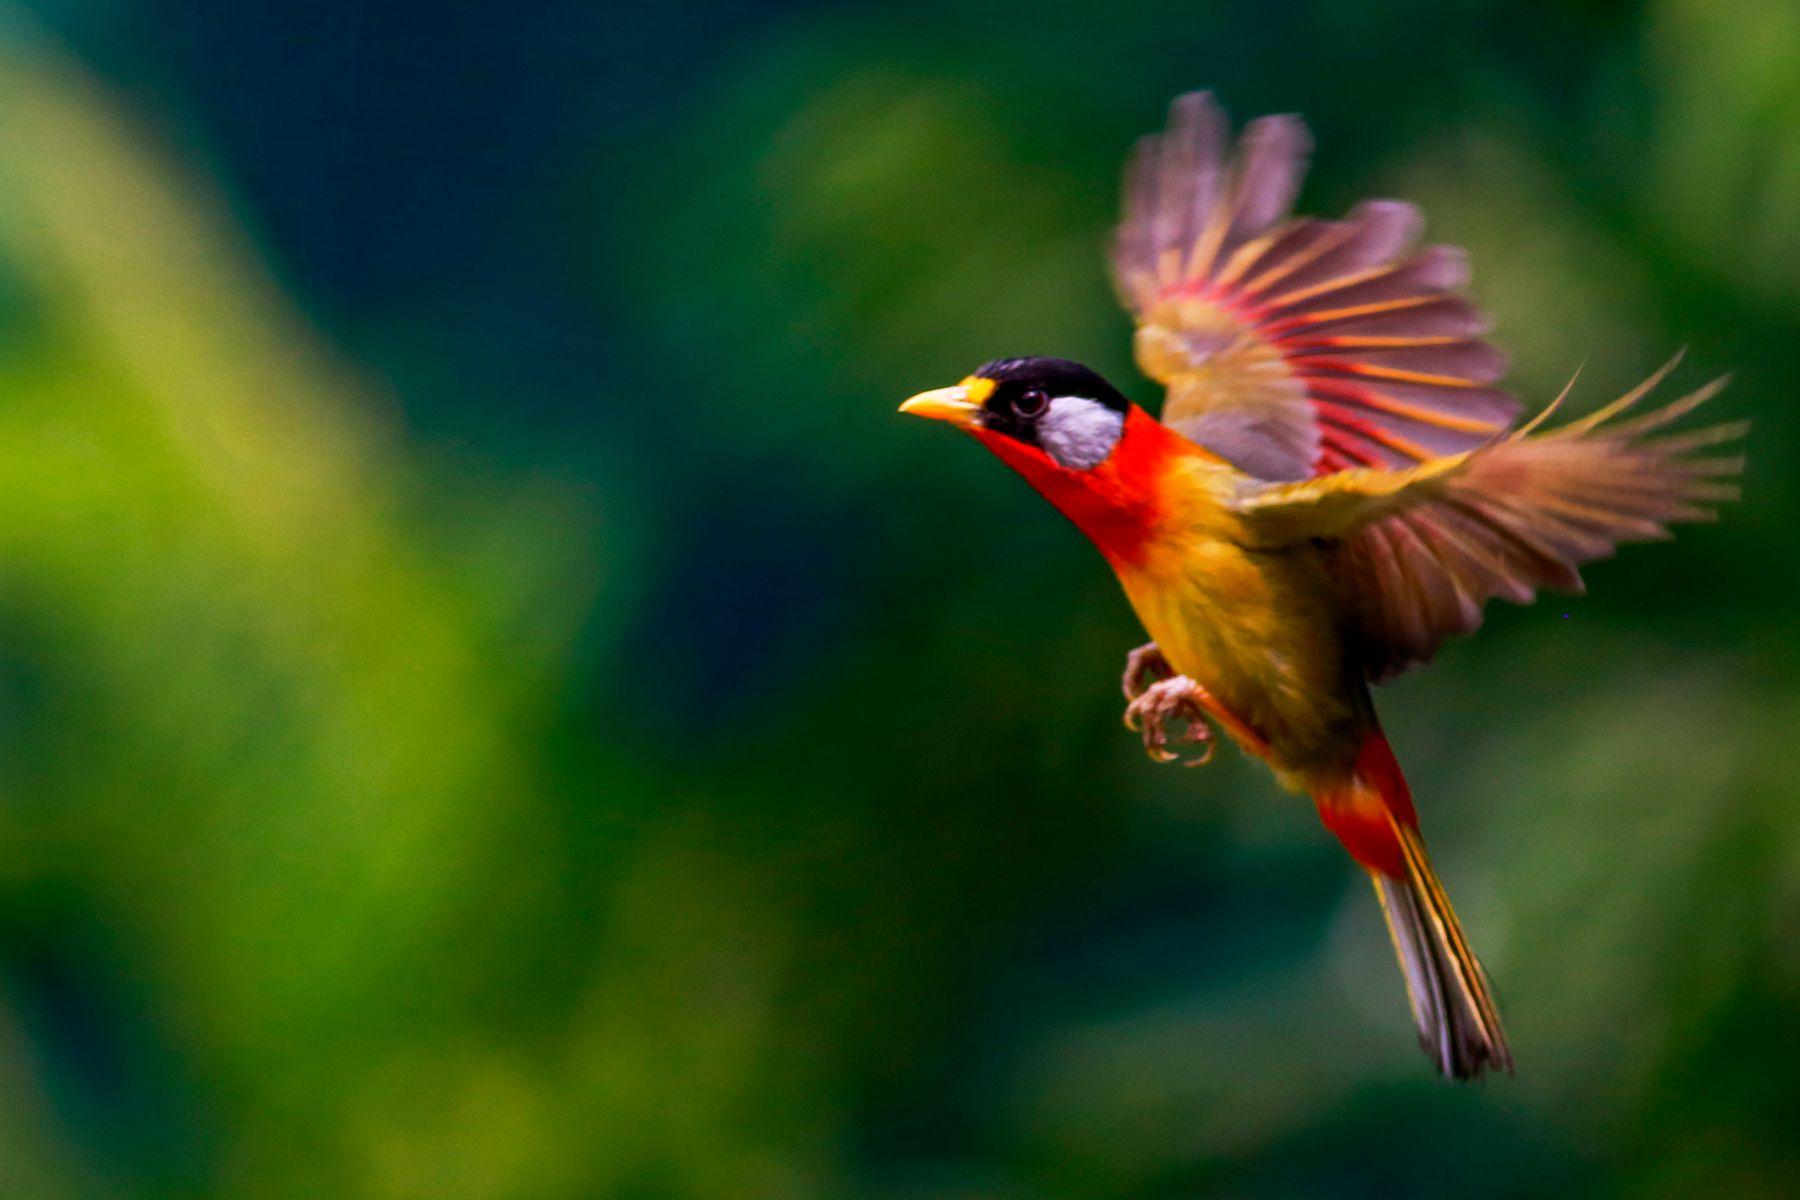 飞翔的小鸟